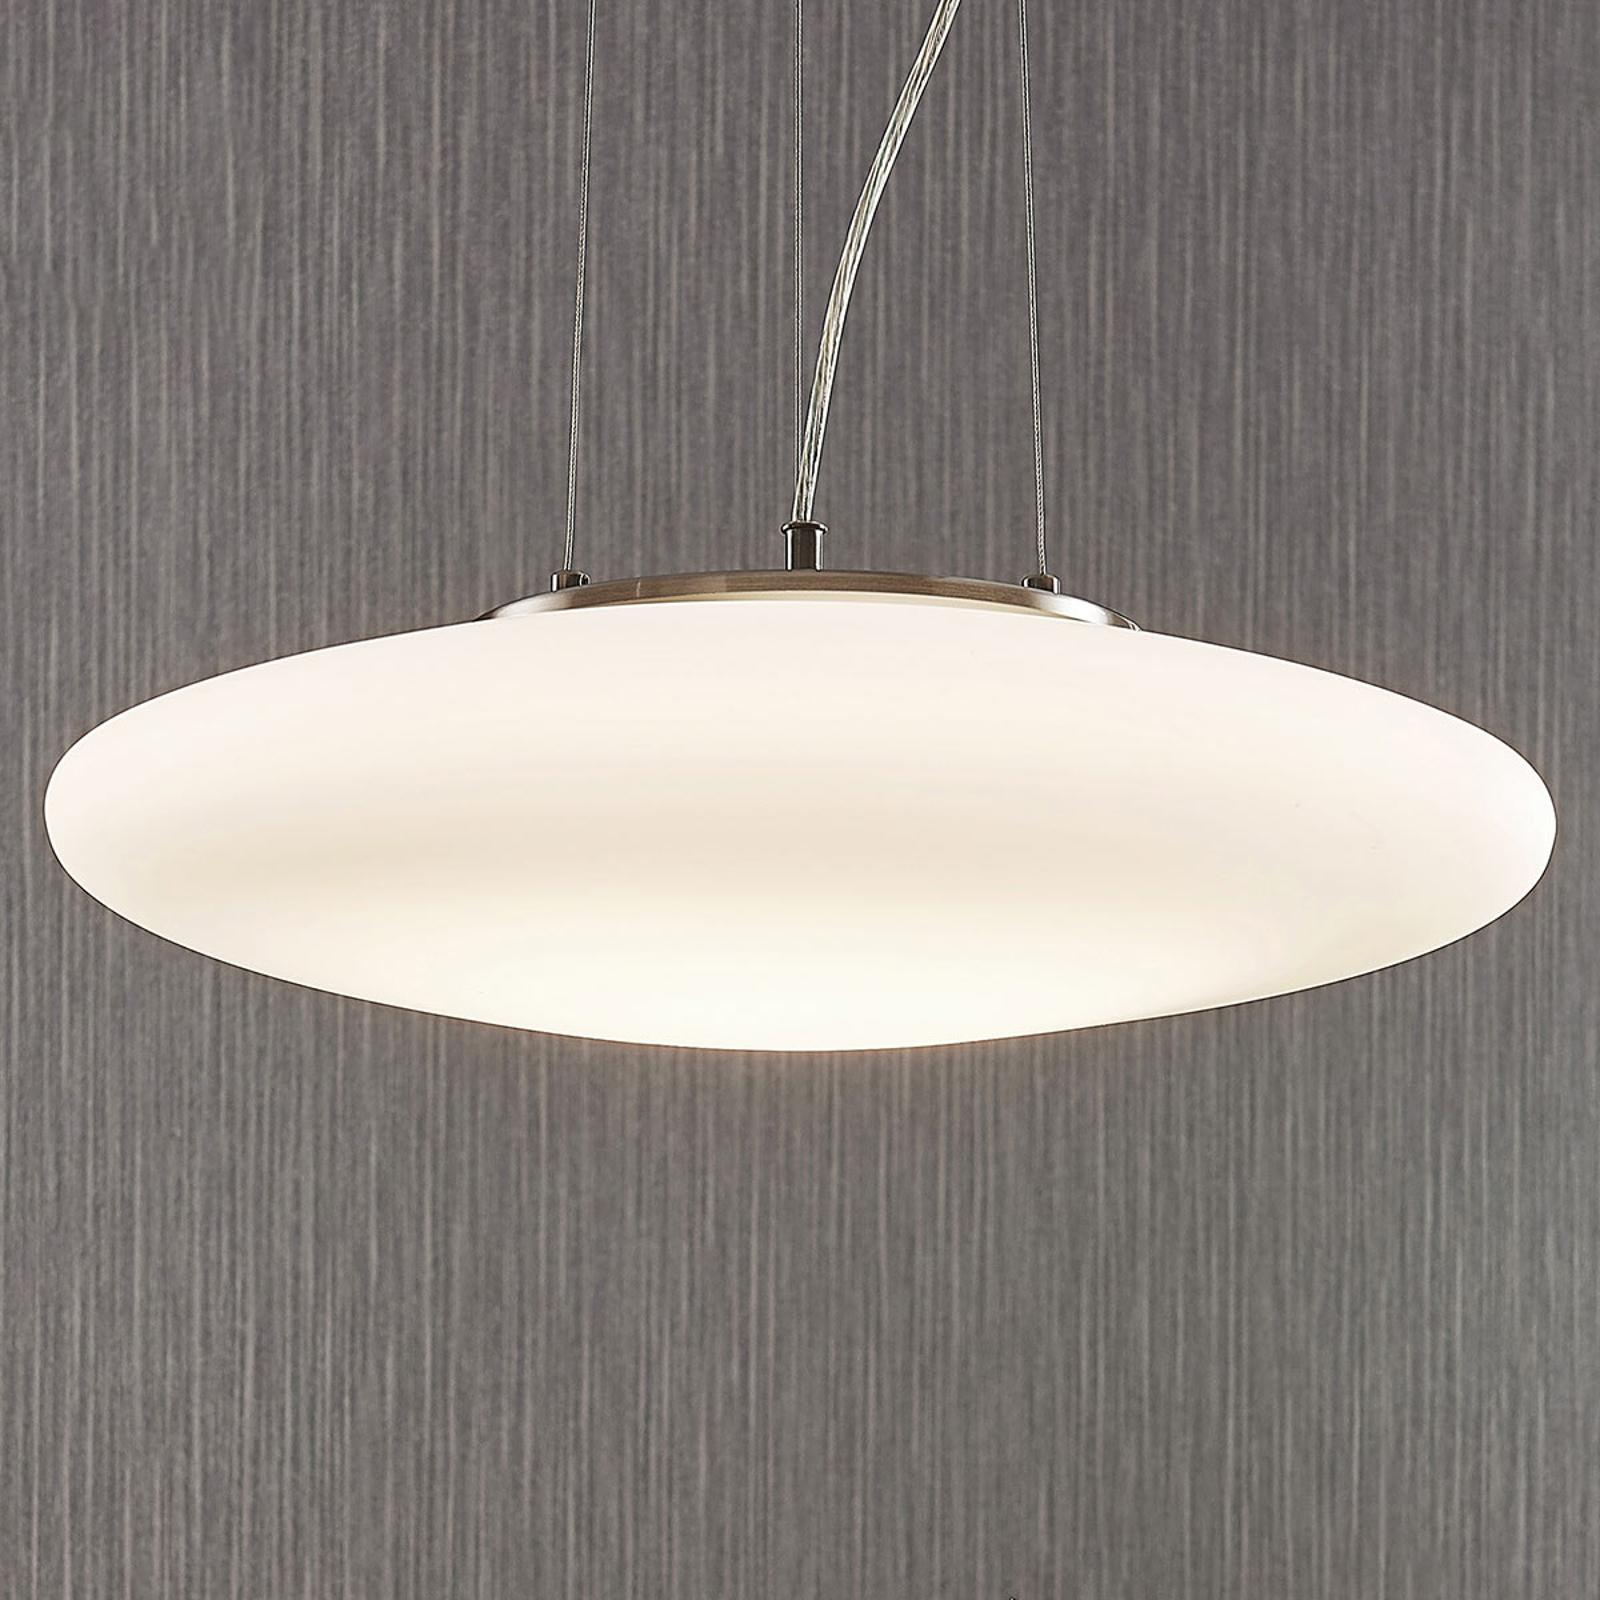 LED závěsné světlo z opálového skla Gunda, bílé